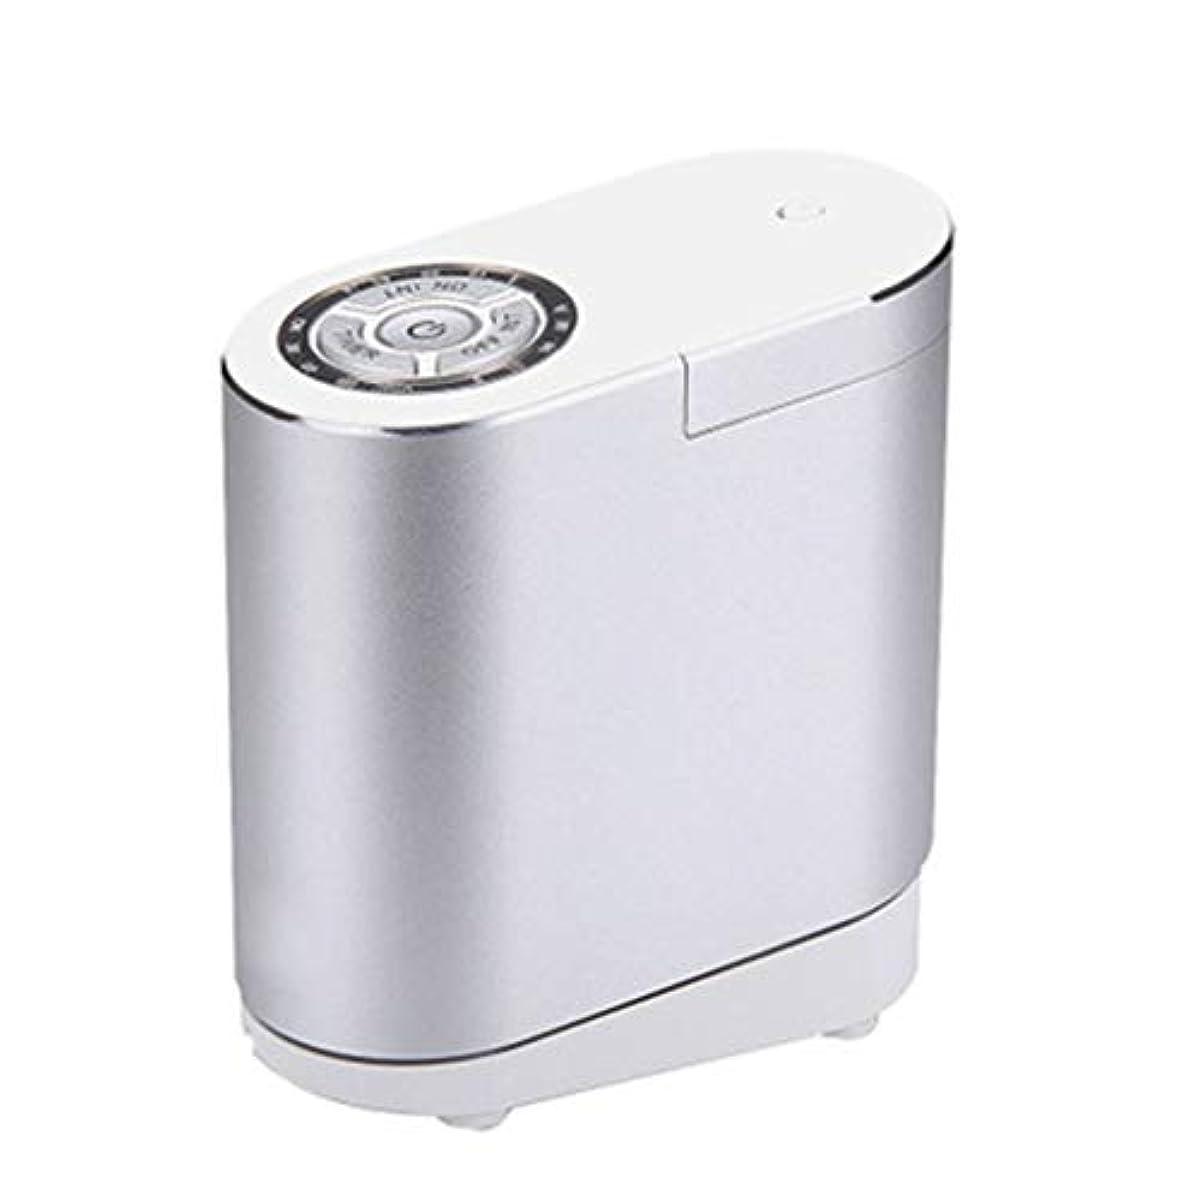 家禽さておきスクラップクールミスト空気加湿器、30ミリリットルディフューザーエアコン、4Sショップのリビングルームの研究寝室のオフィスに適して (Color : Silver)